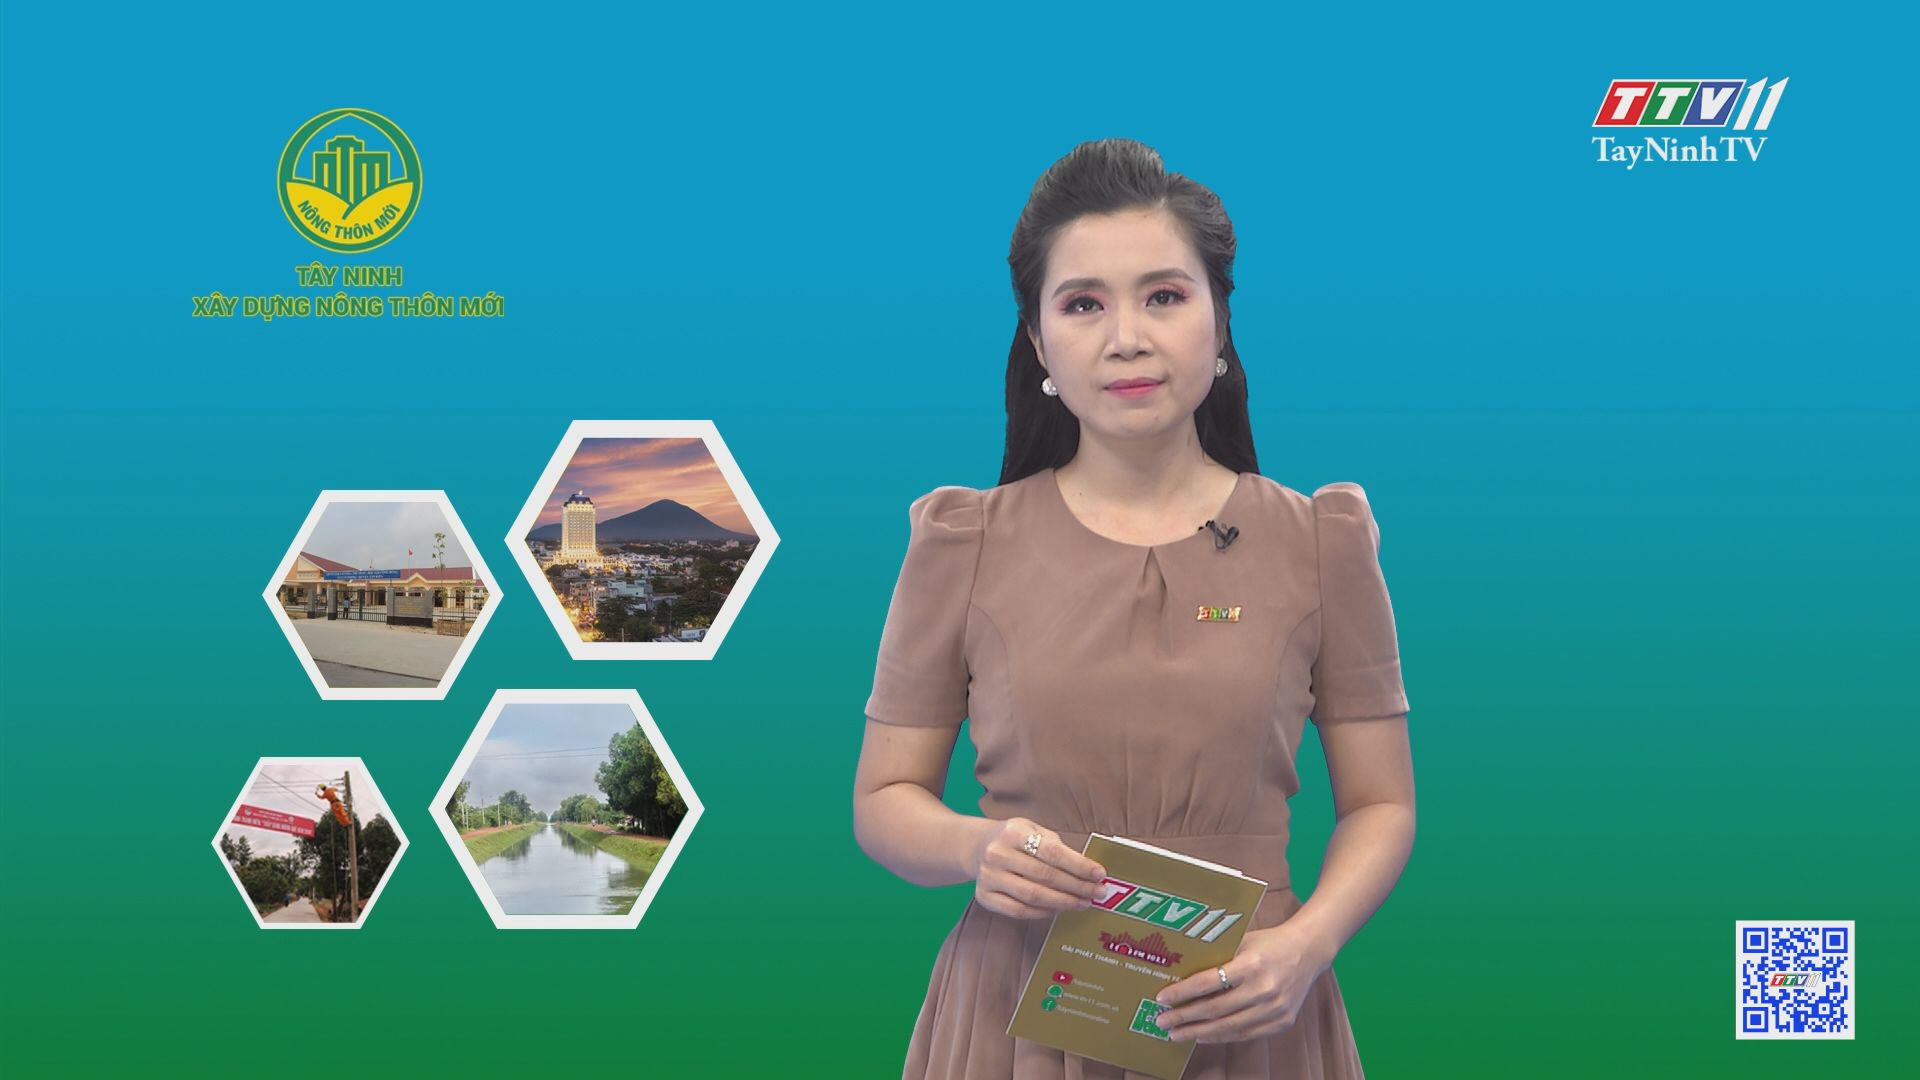 Môi trường-Tiêu chí khó trong xây dựng nông thôn mới | TÂY NINH XÂY DỰNG NÔNG THÔN MỚI | TayNinhTV